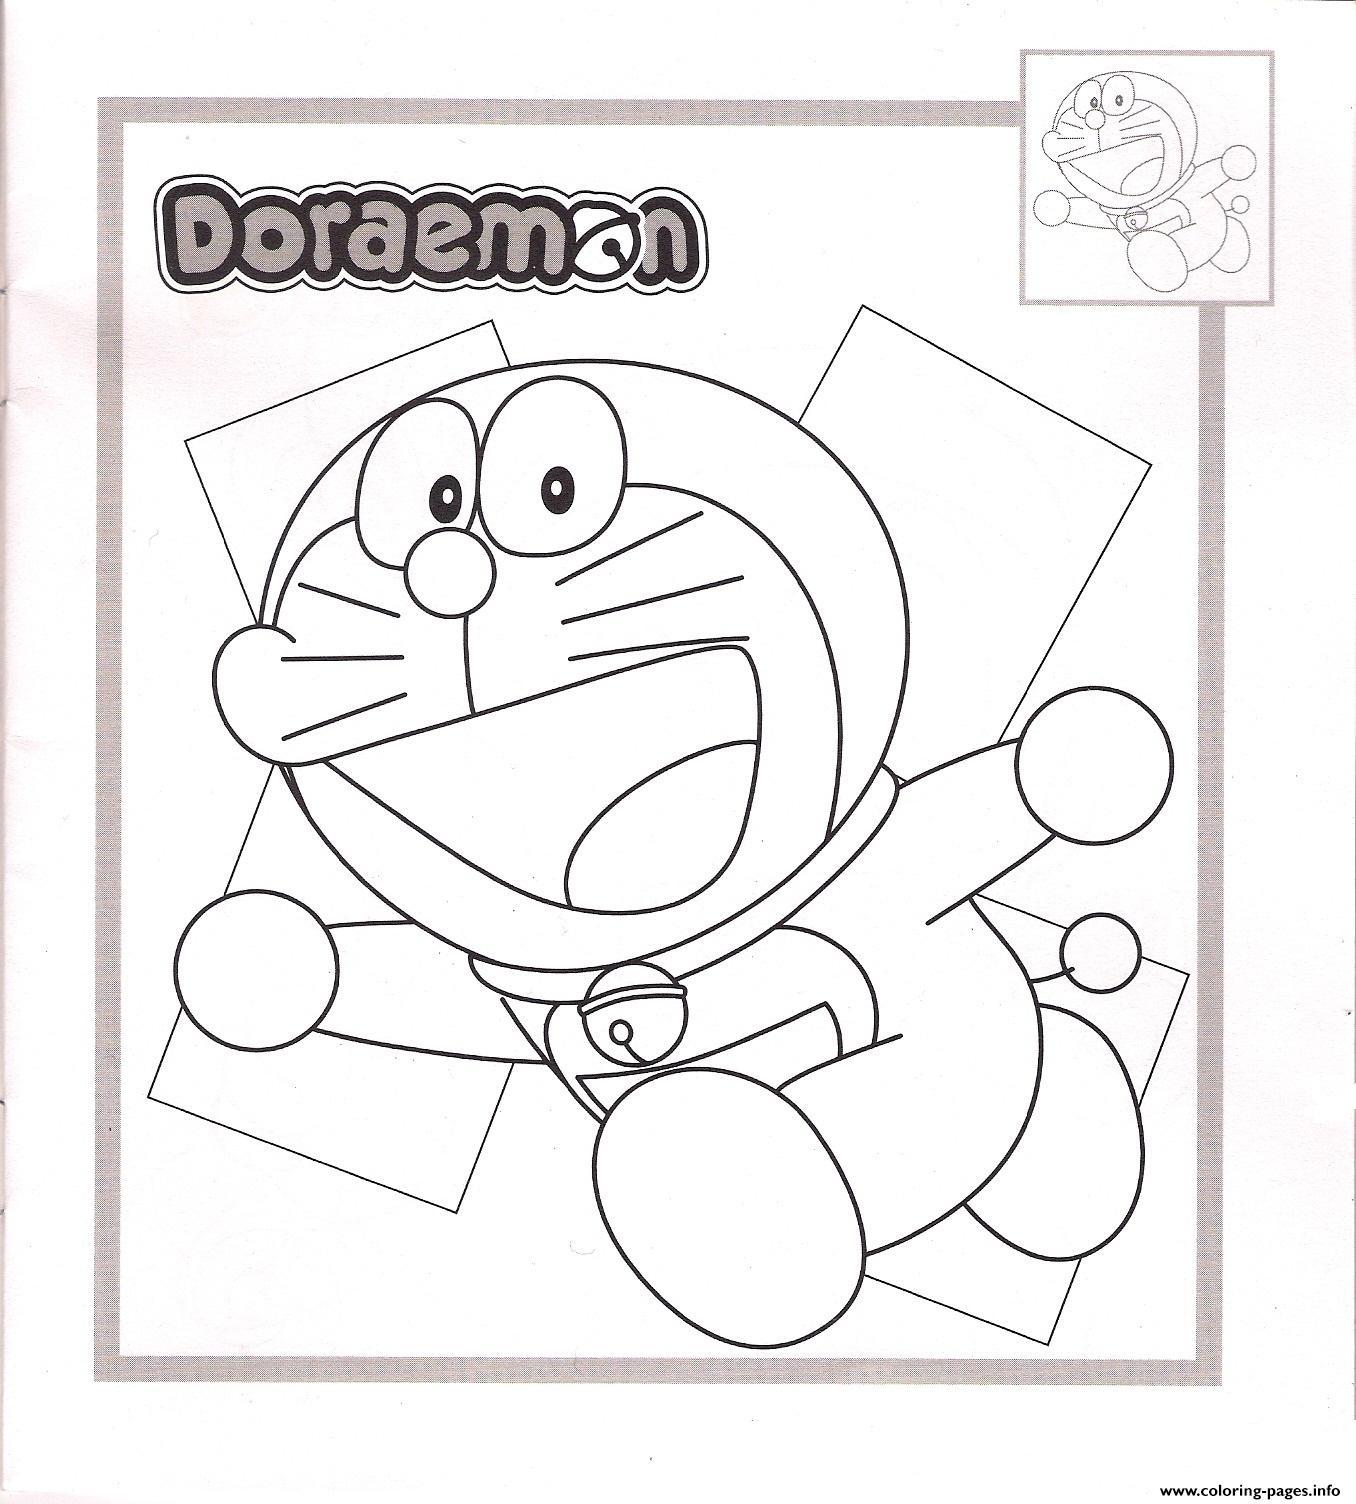 Cowboy Doraemon A9f4 Coloring Pages